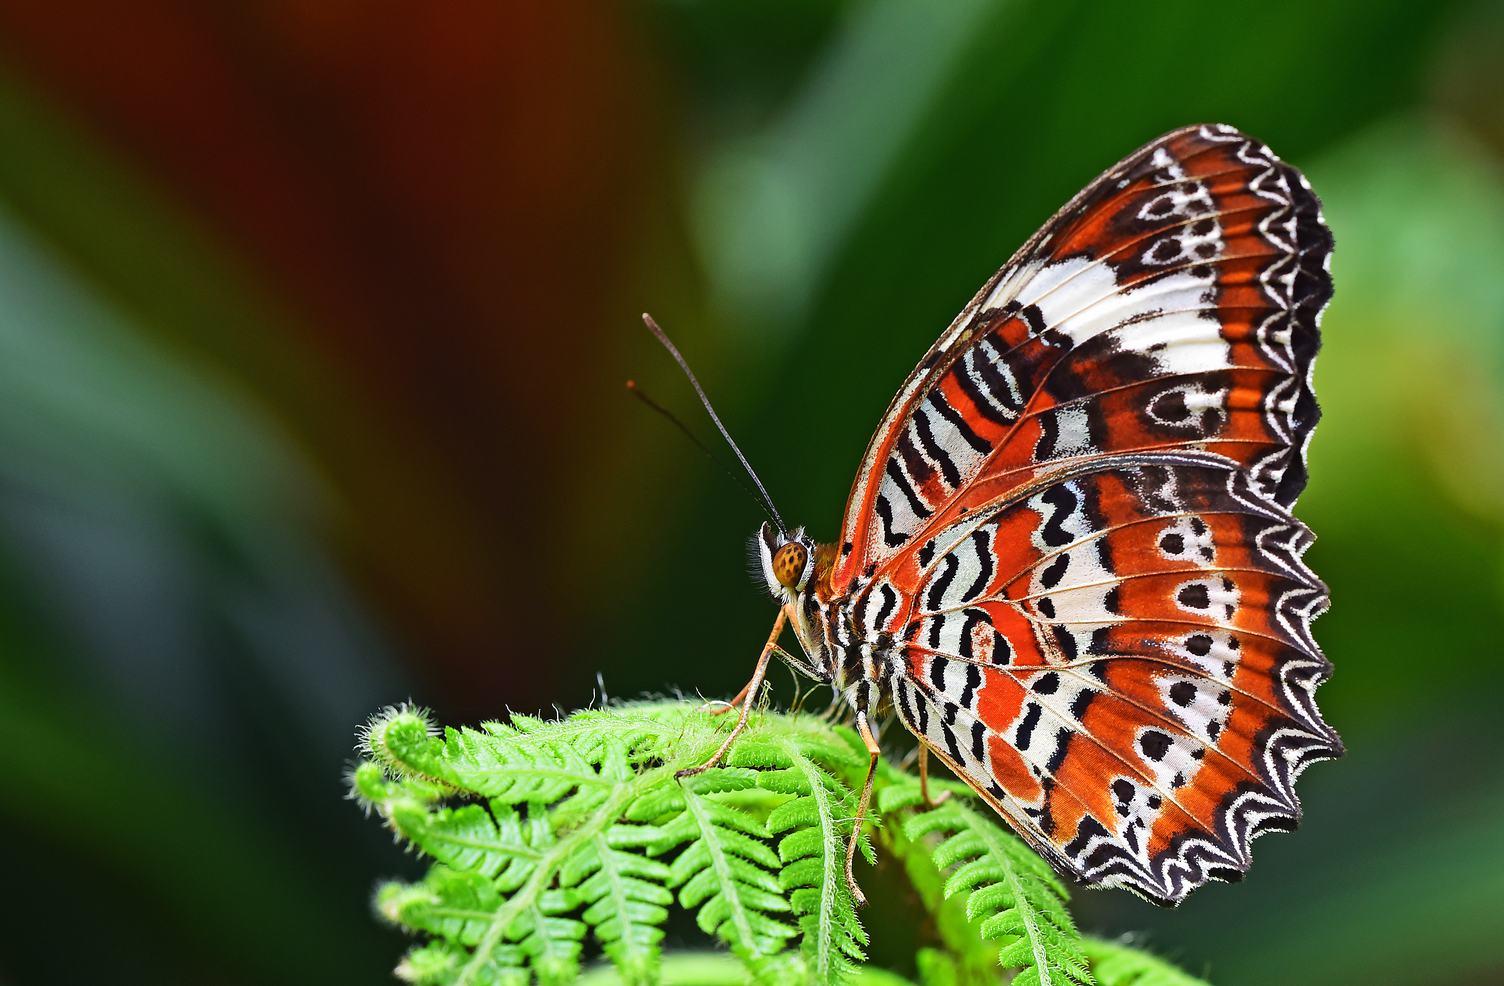 Single Orange Lacewing Butterfly Sitting on a Fern